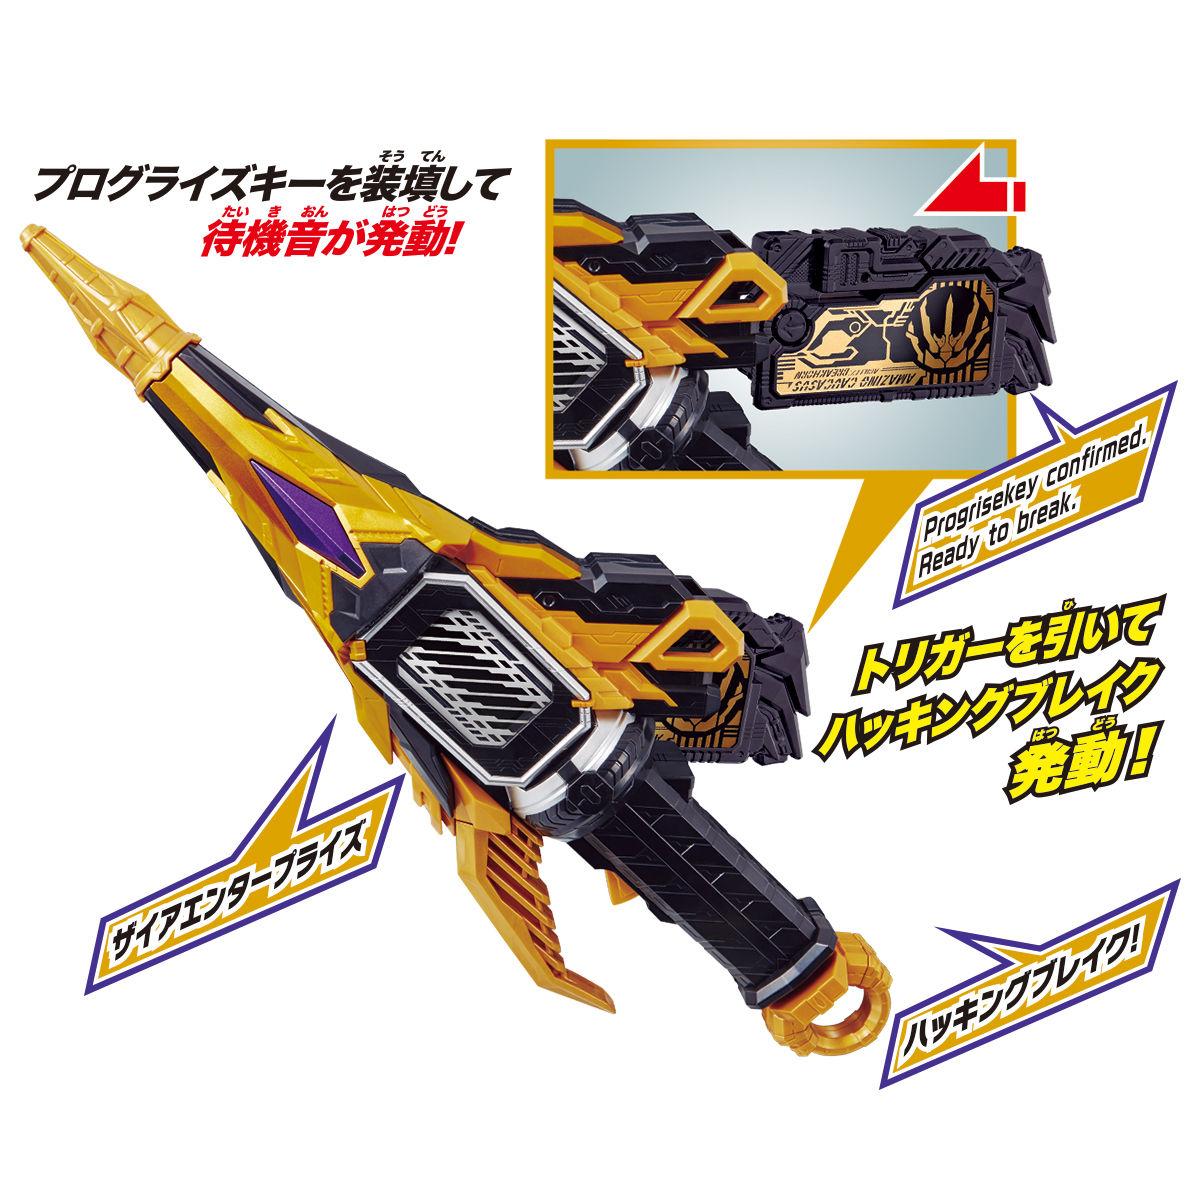 仮面ライダーゼロワン『DXサウザンドジャッカー』変身なりきり-003